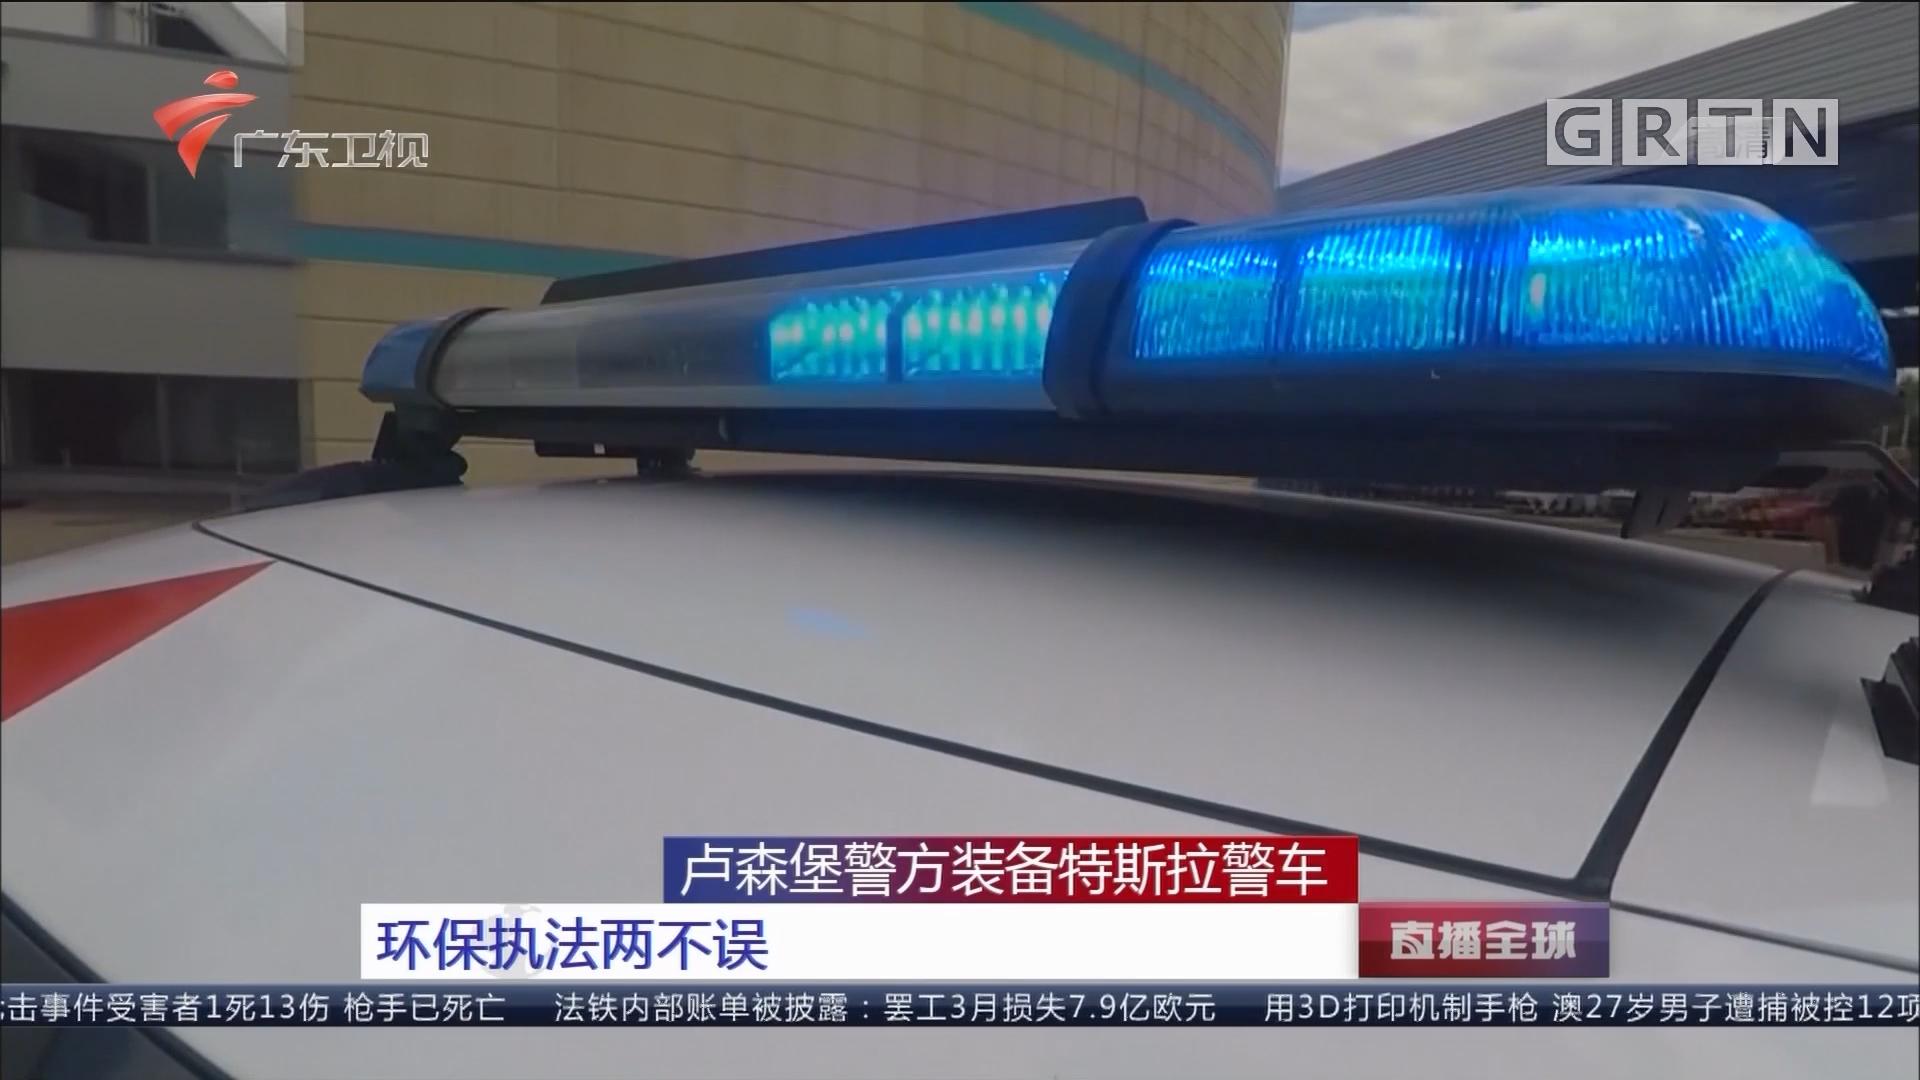 卢森堡警方装备特斯拉警车 环保执法两不误